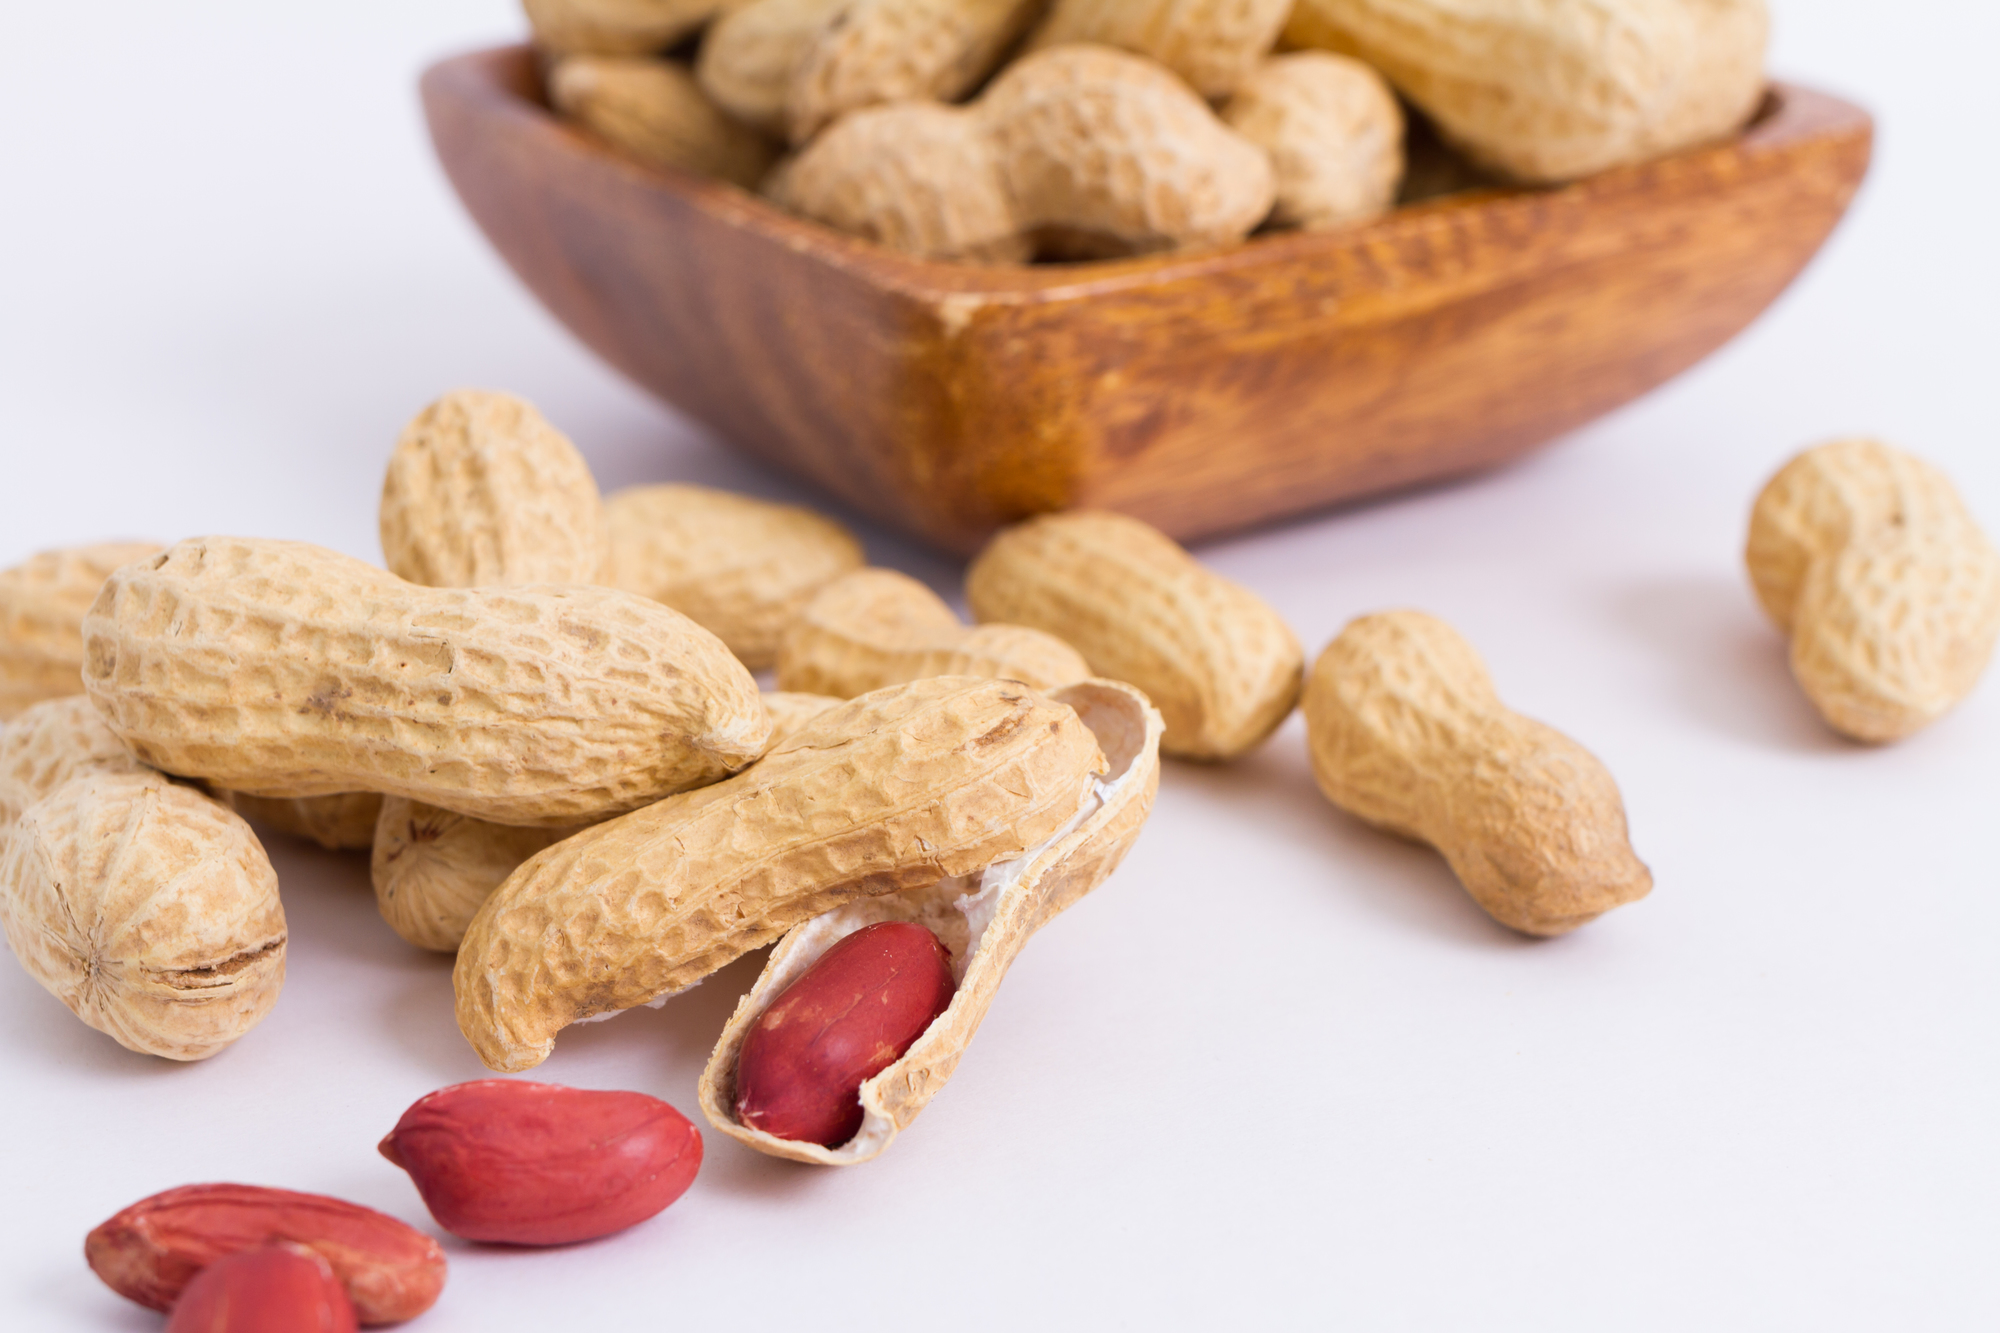 ピーナッツがインフルエンザ対策に有効。理由とピーナッツの栄養・効能を紹介